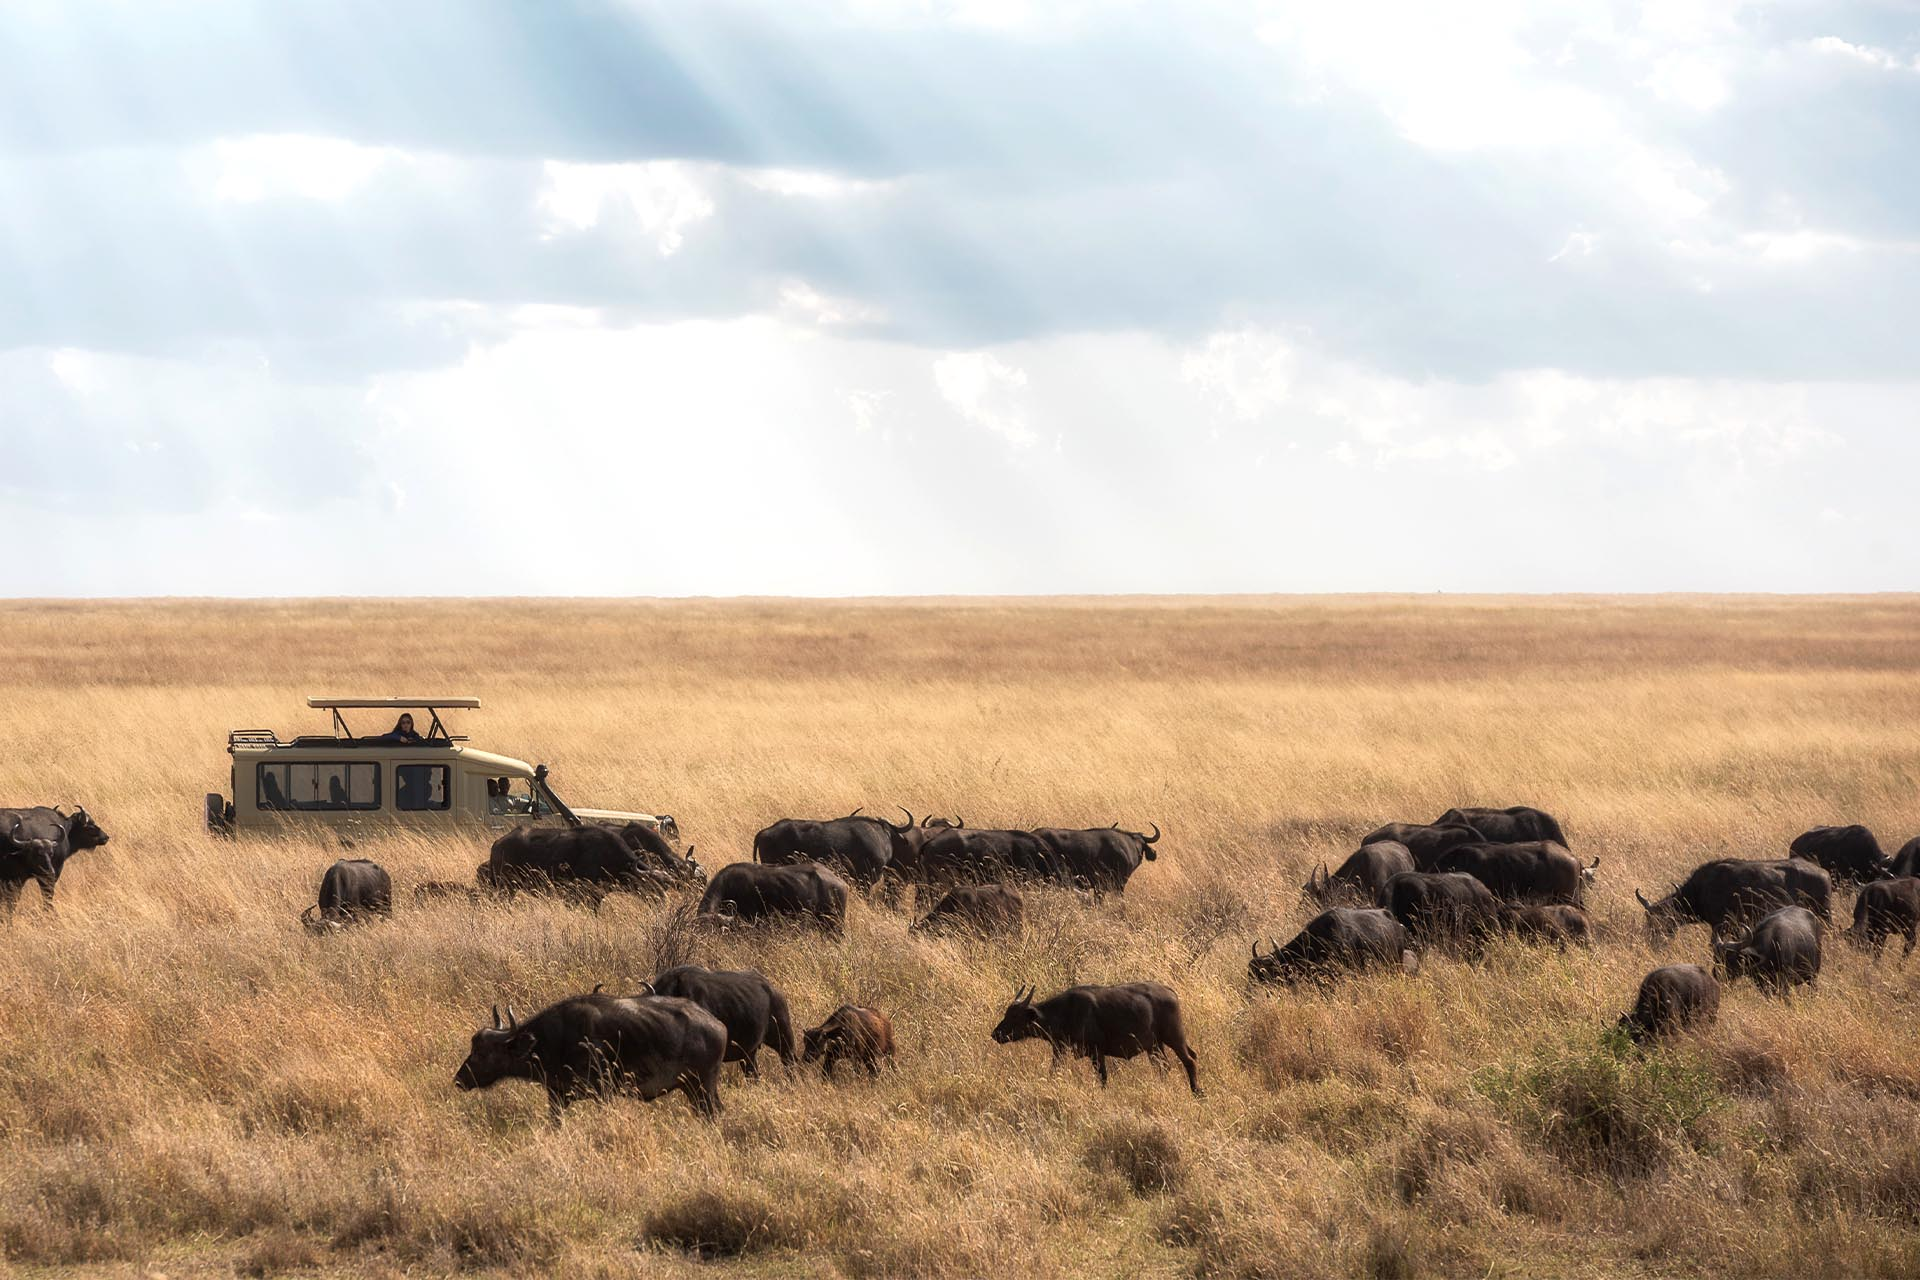 Serengueti2